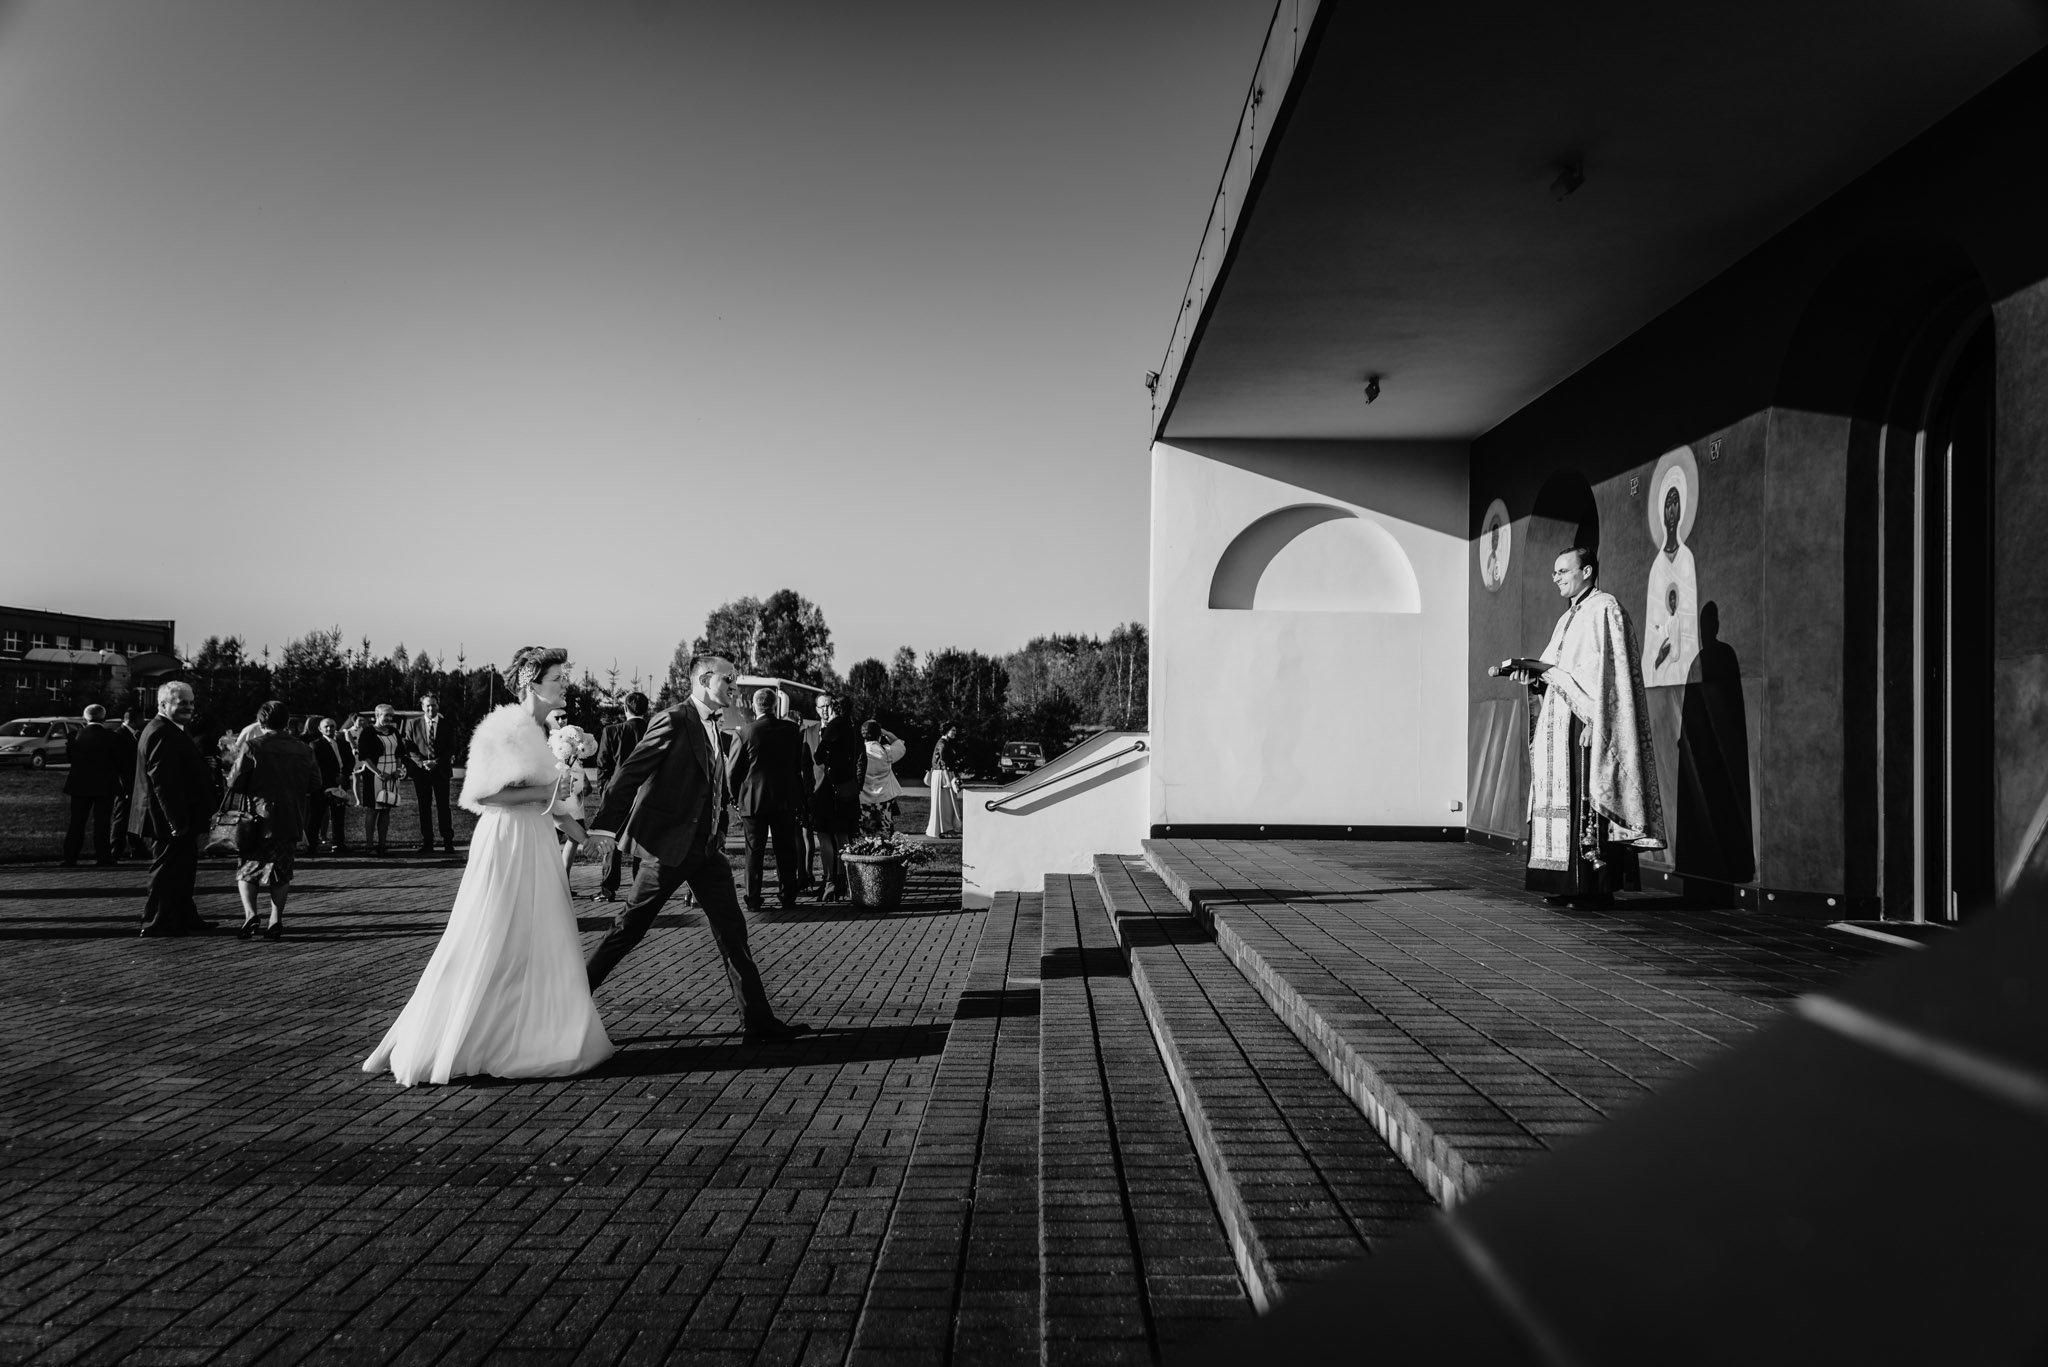 fotograf ślubny poznań, ślub w cerkwii, polsko-ukraiński ślub, wesele w zamku